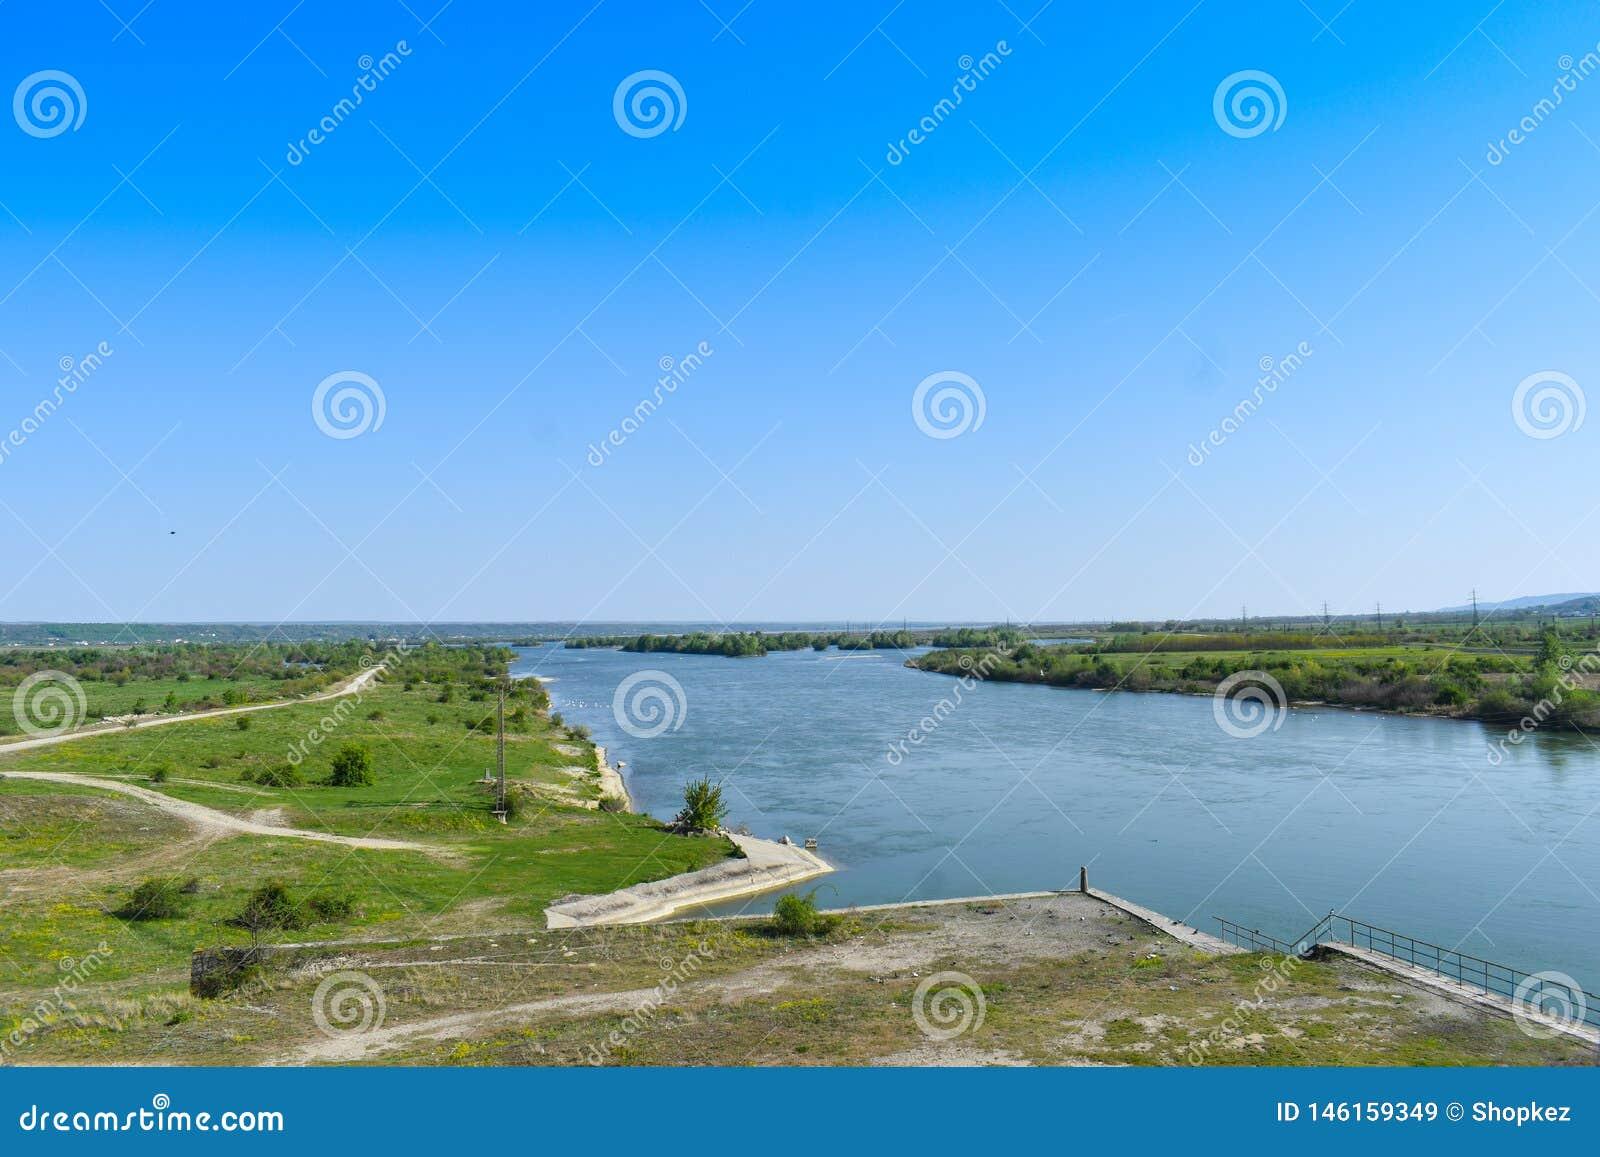 Rio grande bonito Olt com ilhas verdes em um dia de ver?o ensolarado brilhante